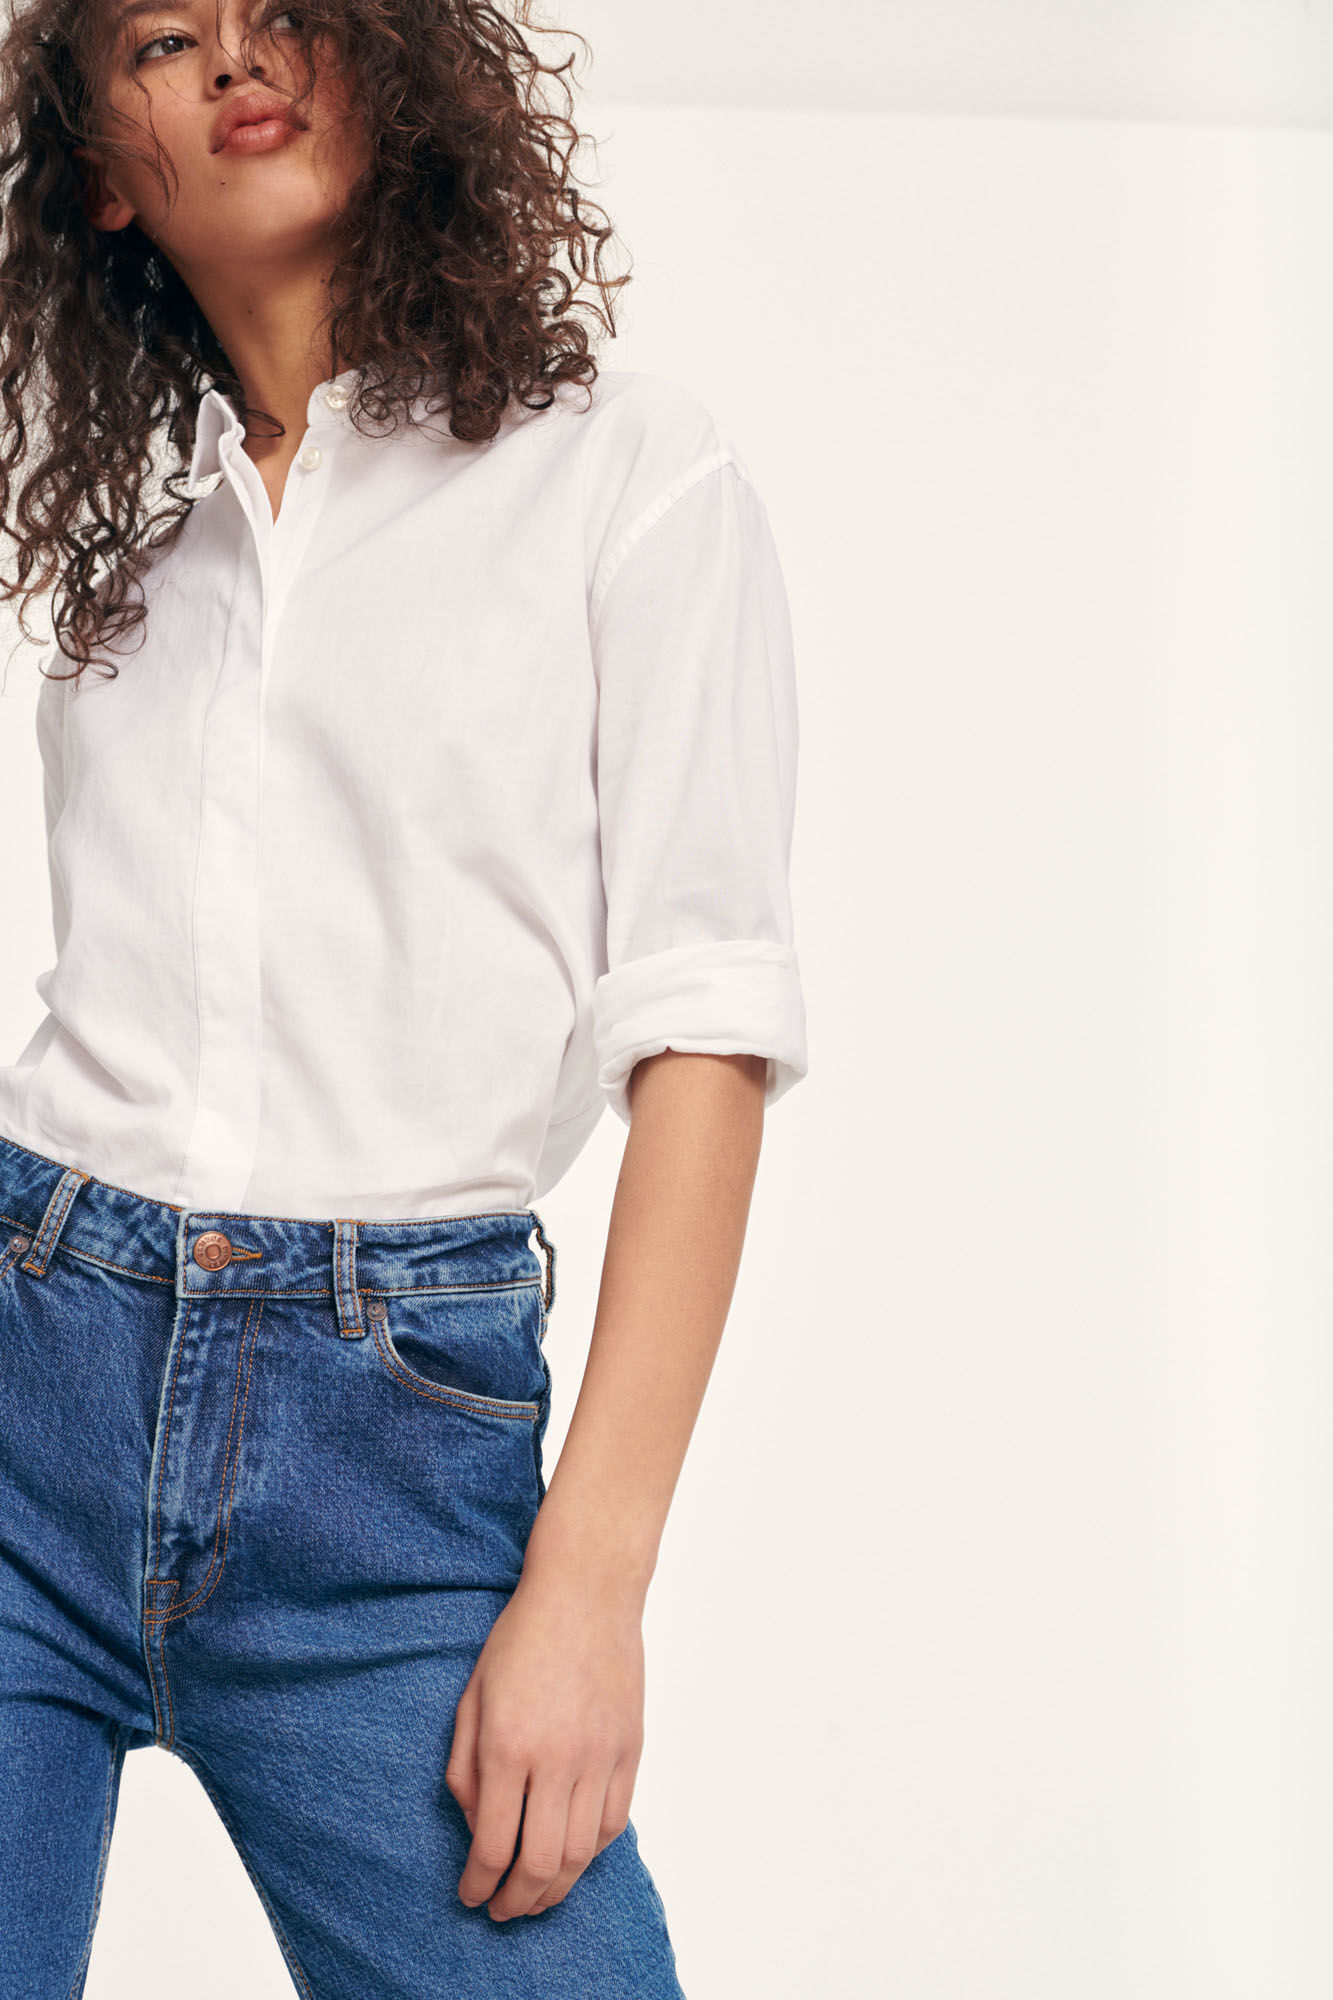 Caico shirt 2634